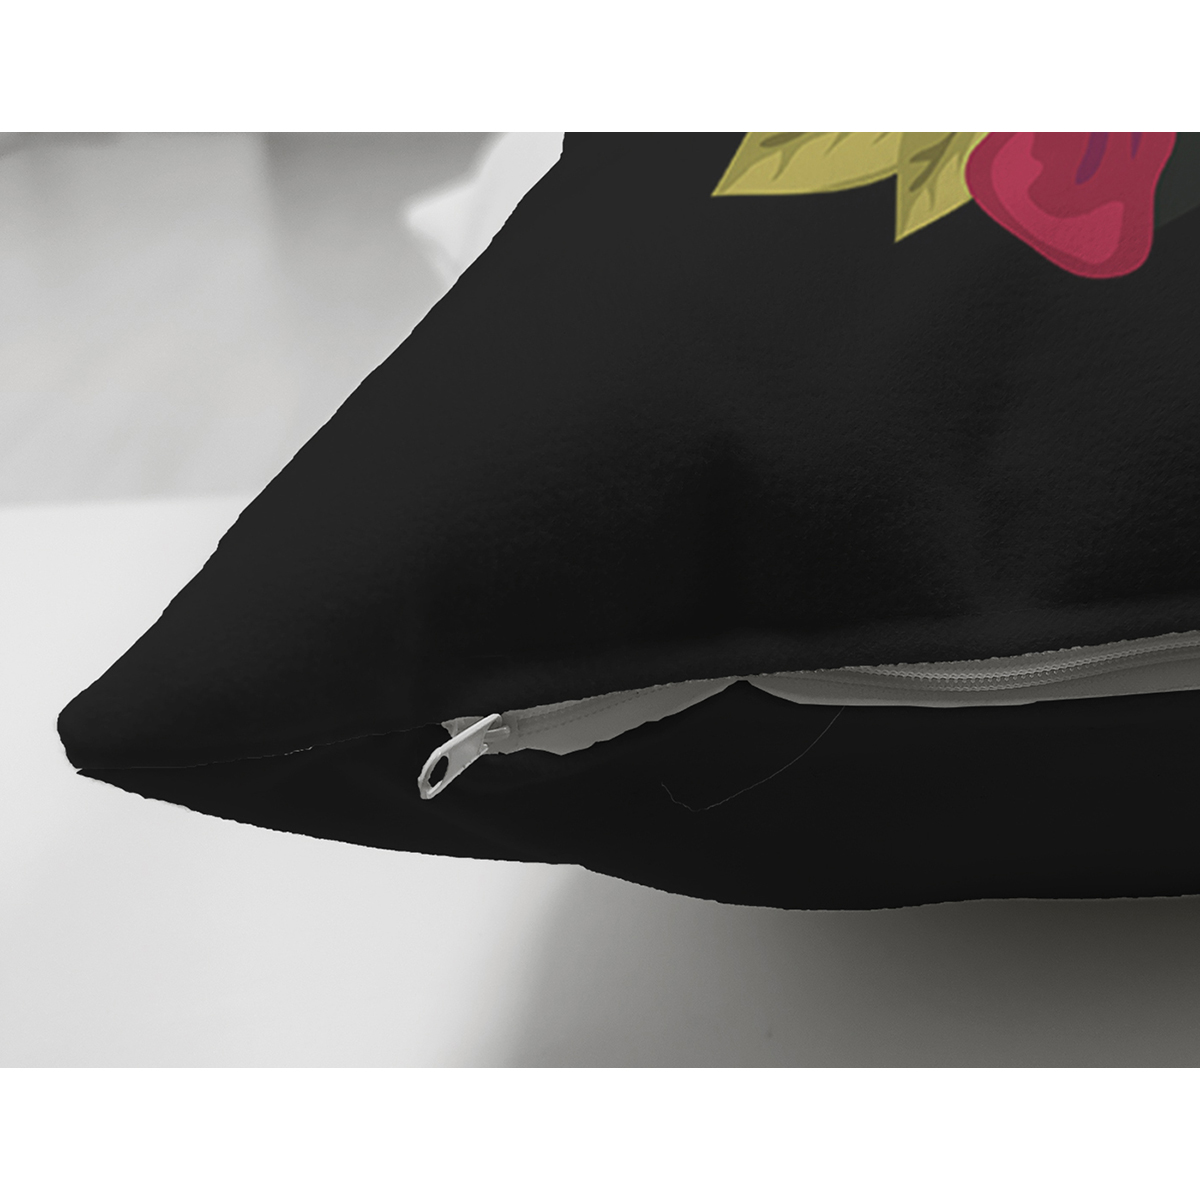 Siyah Zemin Renkli Gül Temalı X Harfi Özel Tasarım Modern Suet Yastık Kırlent Kılıfı Realhomes